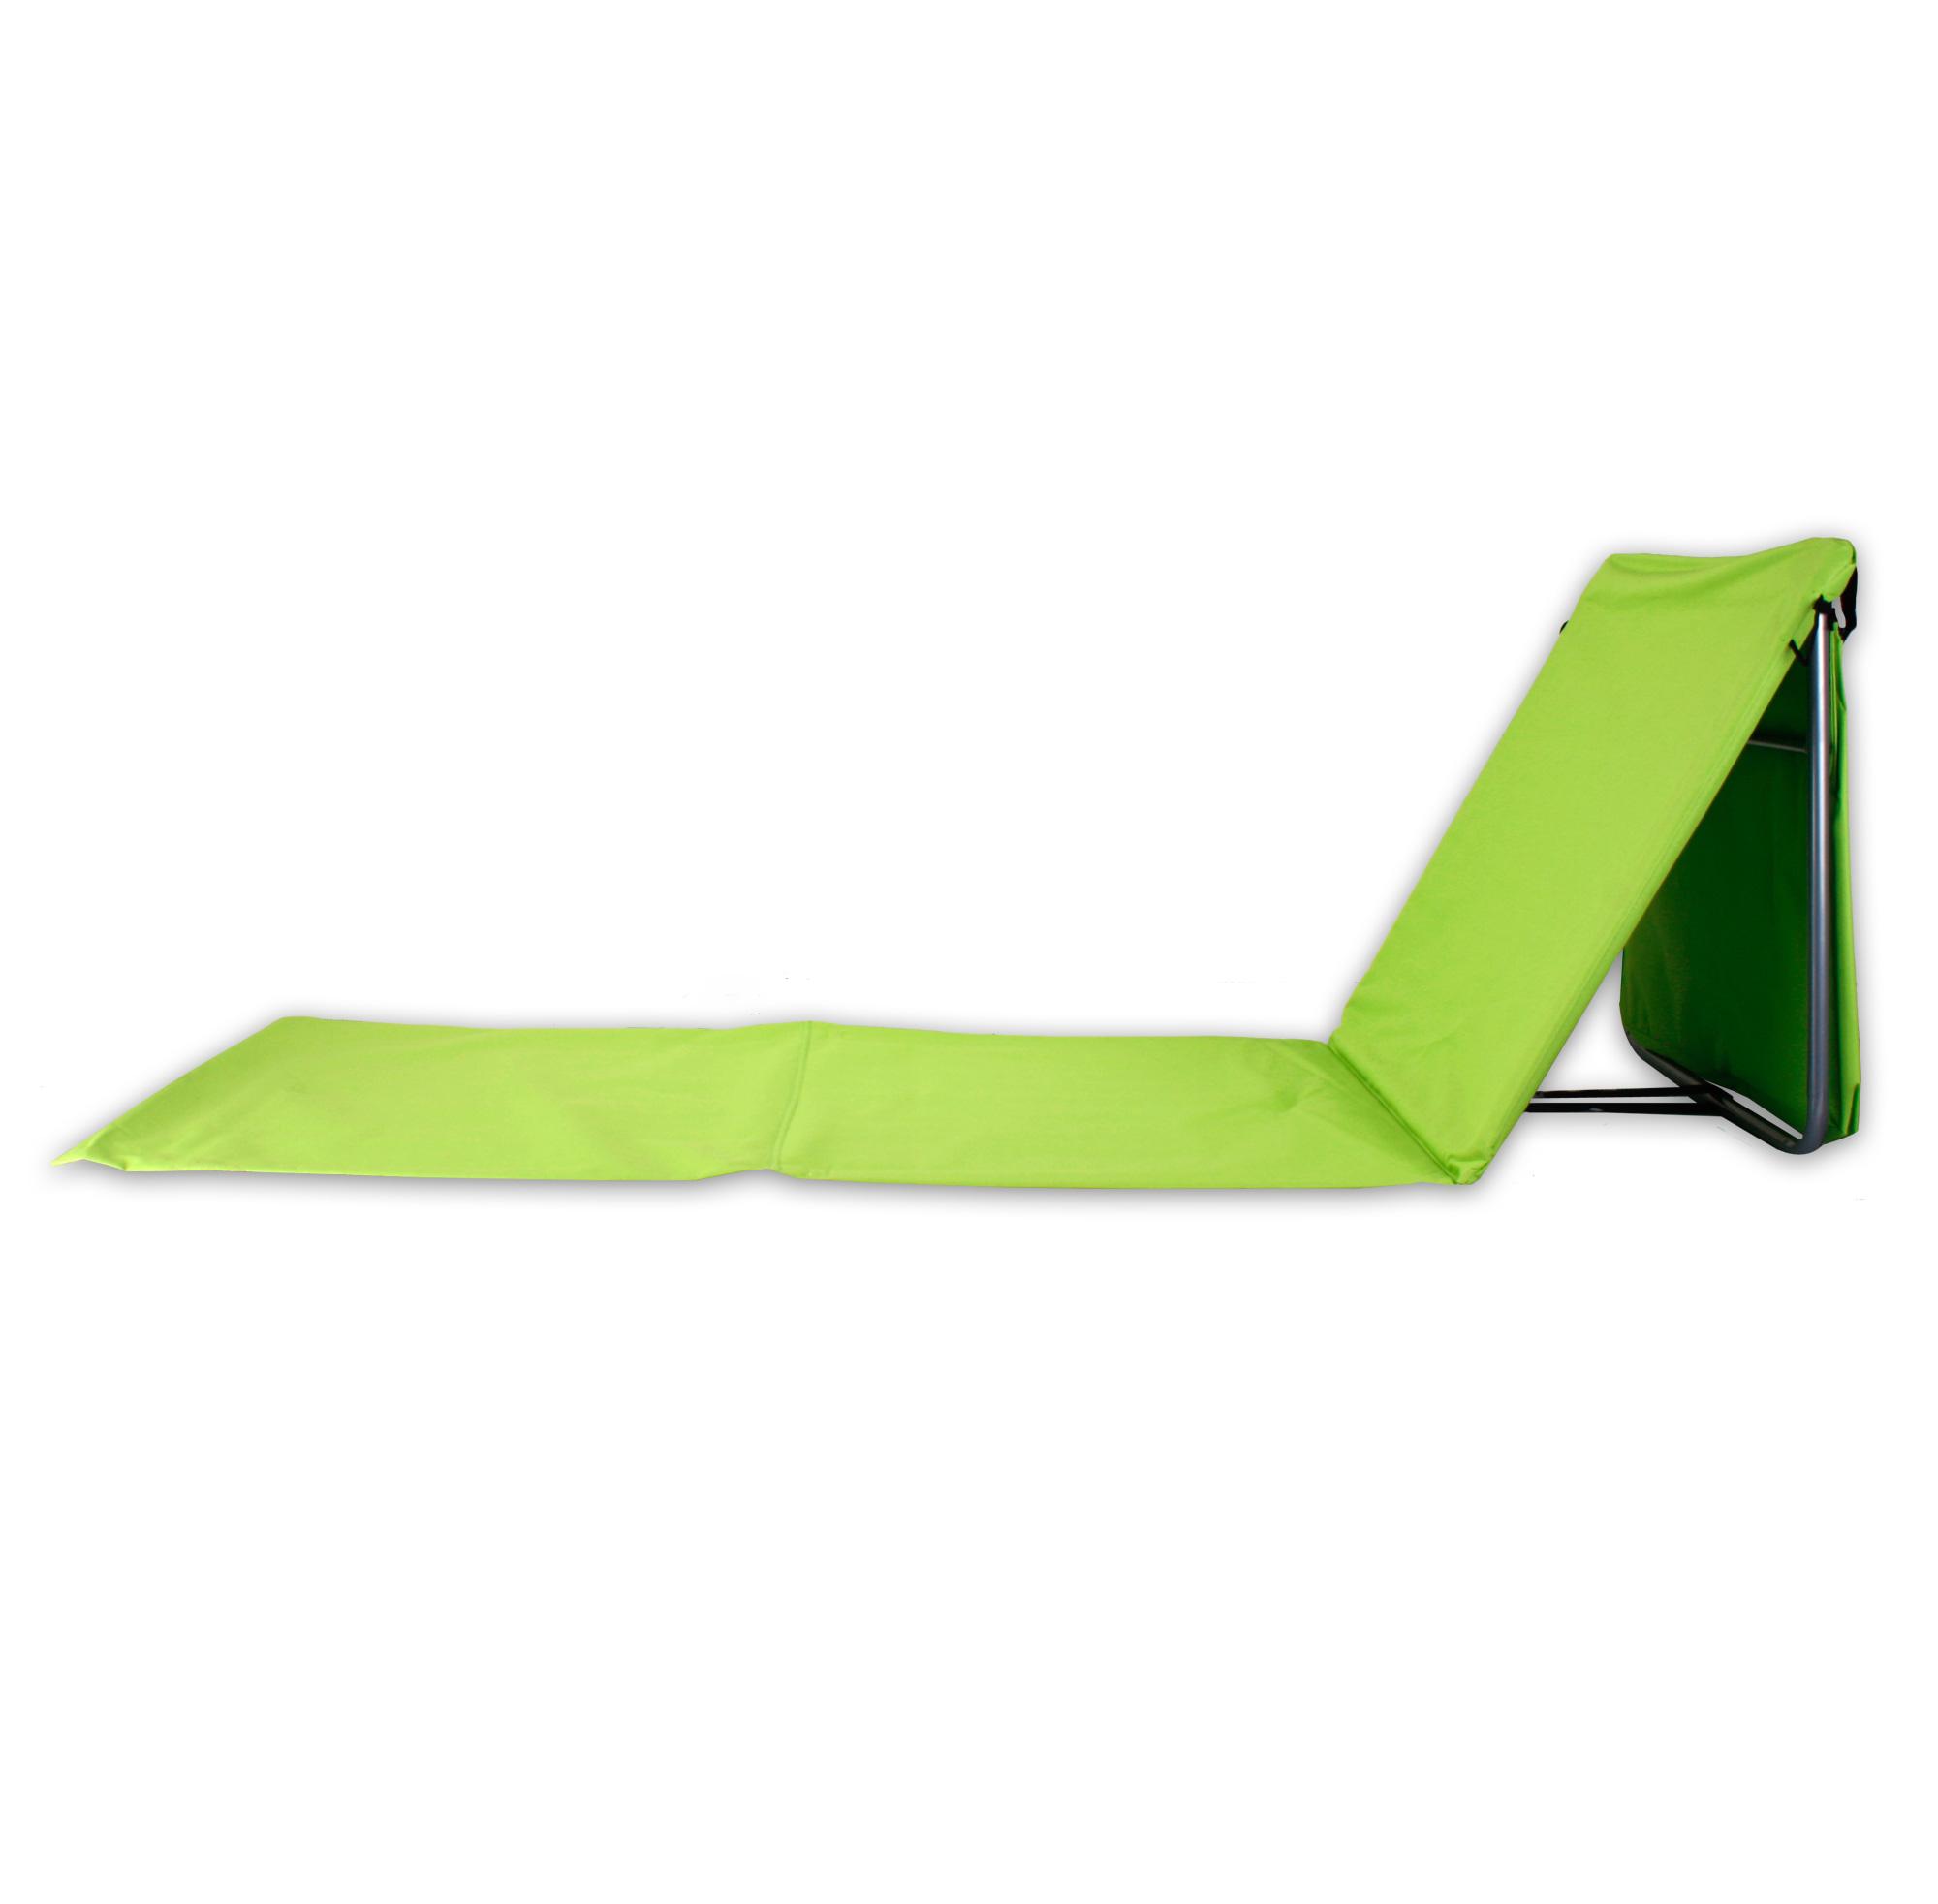 Pliable transat plage tapis pliante chaise longue longue longue Chaise tapis outdoorliege en 4 couleurs fb8b45